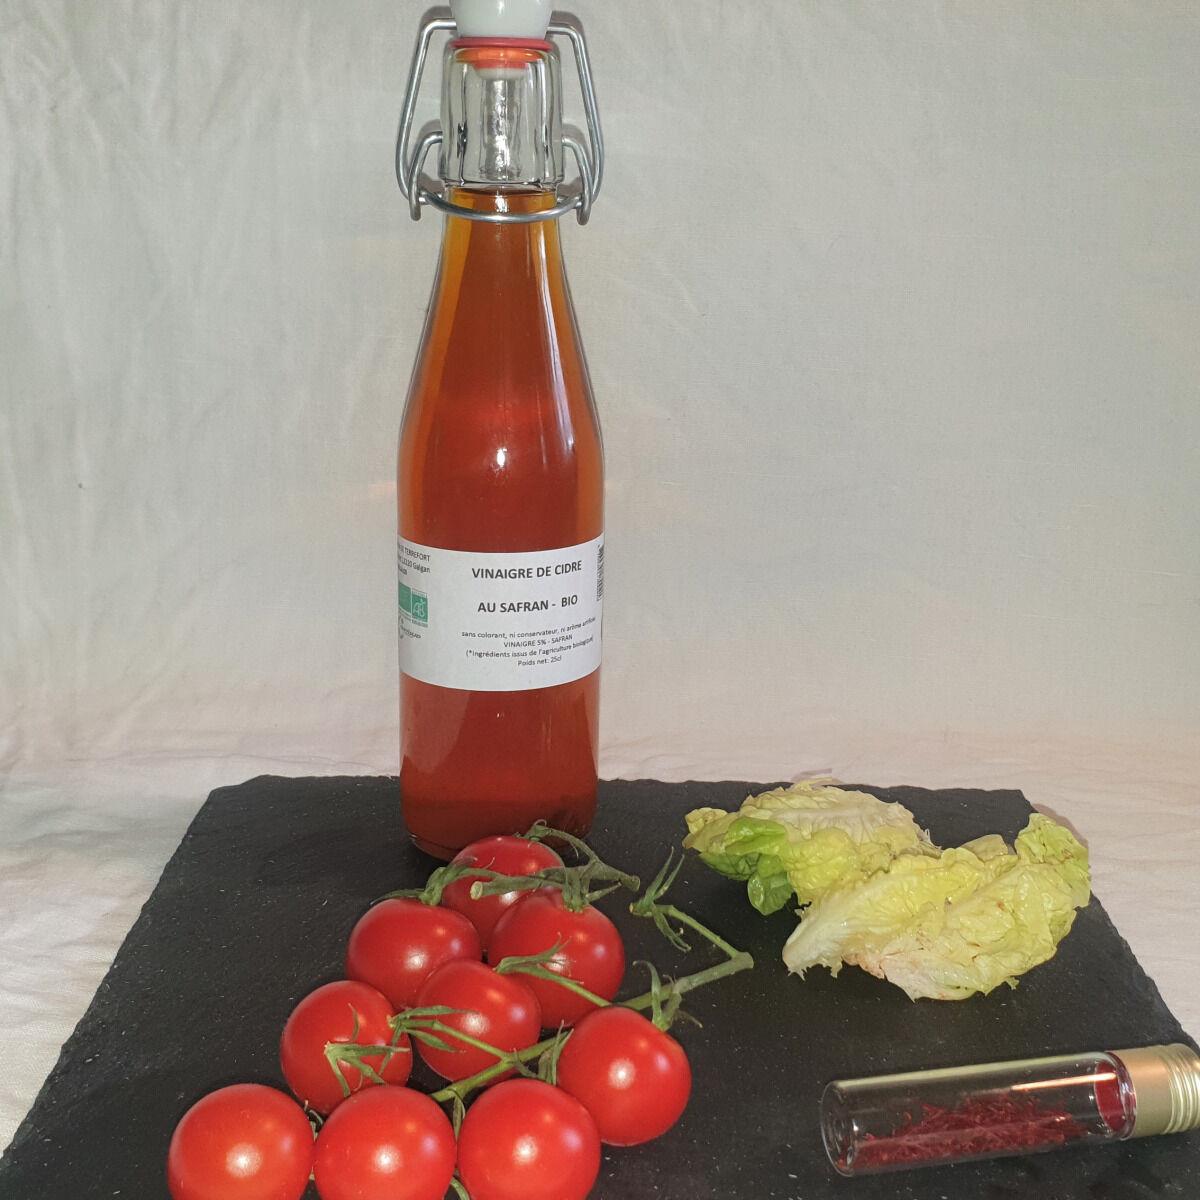 La Ferme du Montet Vinaigre de cidre au safran BIO -25 cl